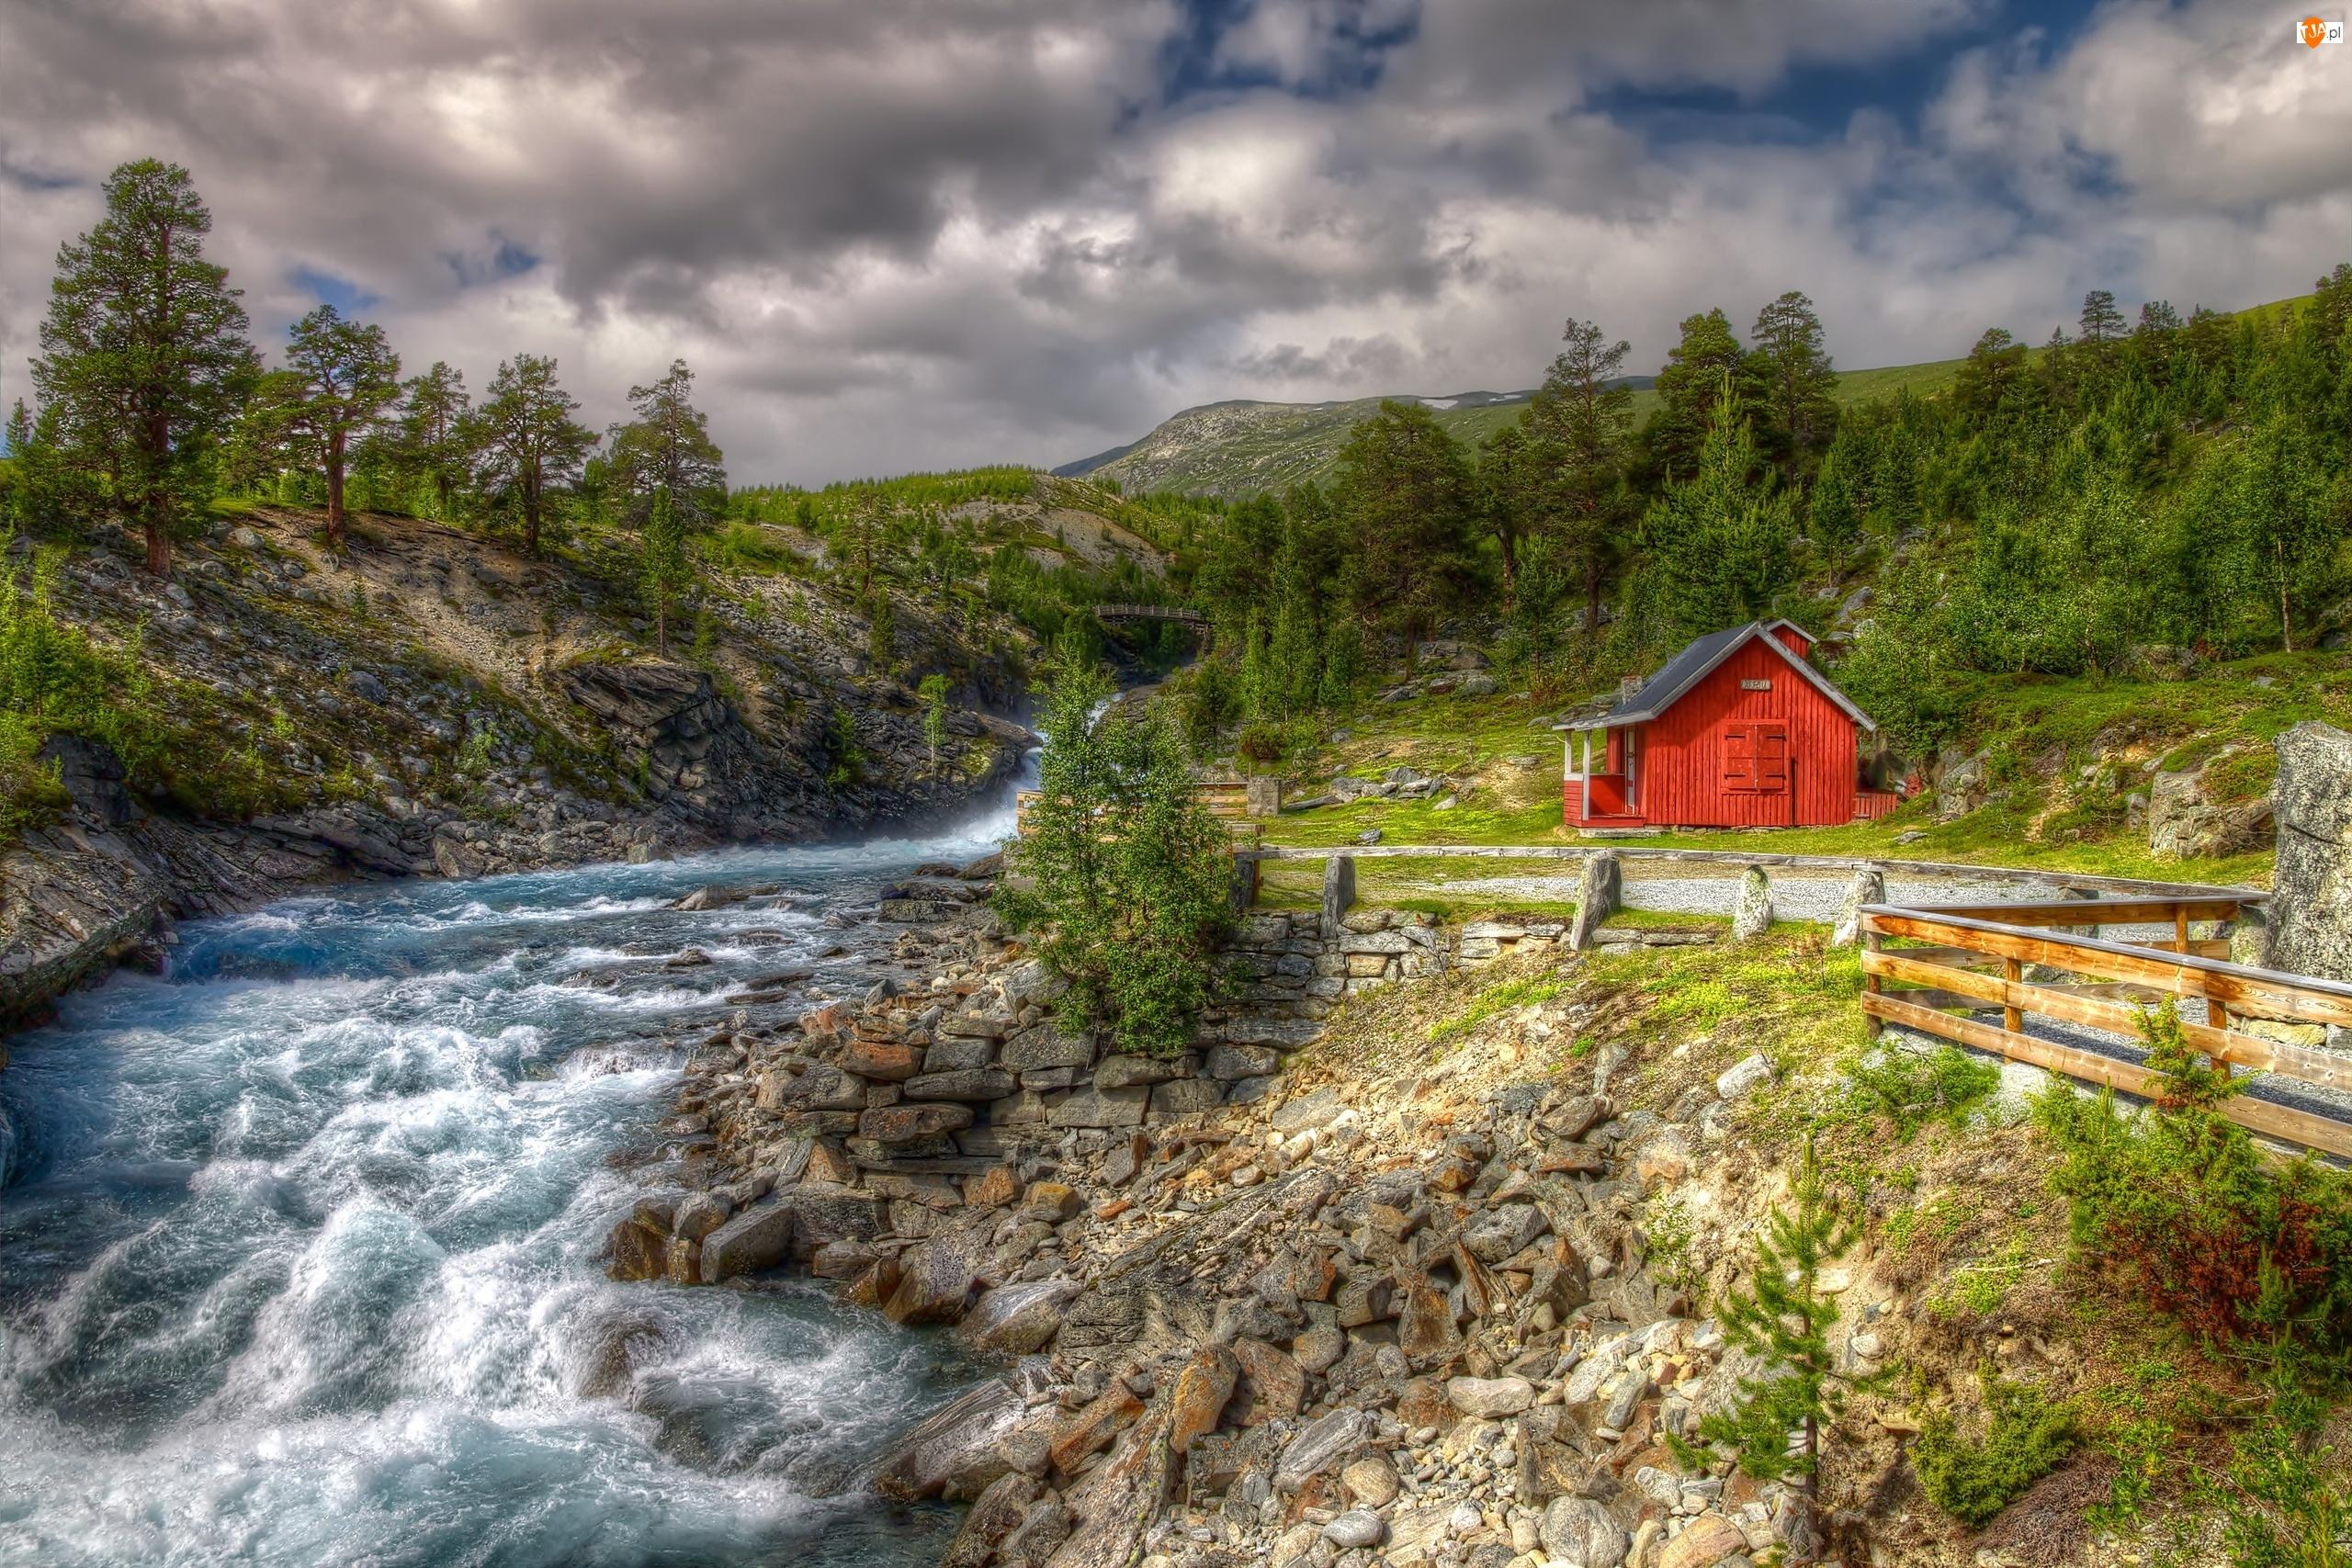 Las, Norwegia, Rzeka, Dom